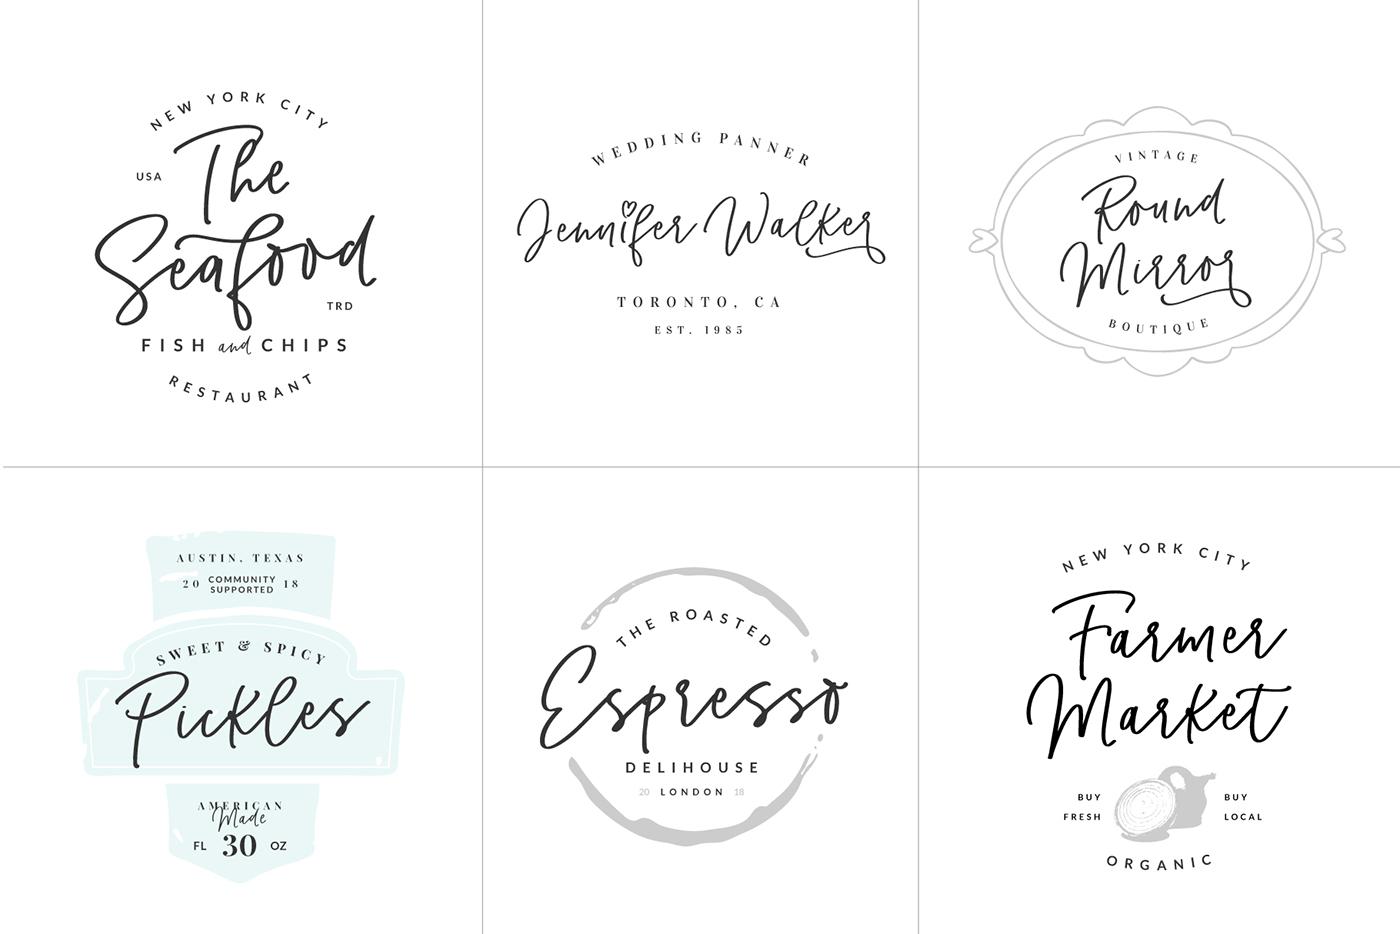 Get Pinot Handwritten Font Logos Now